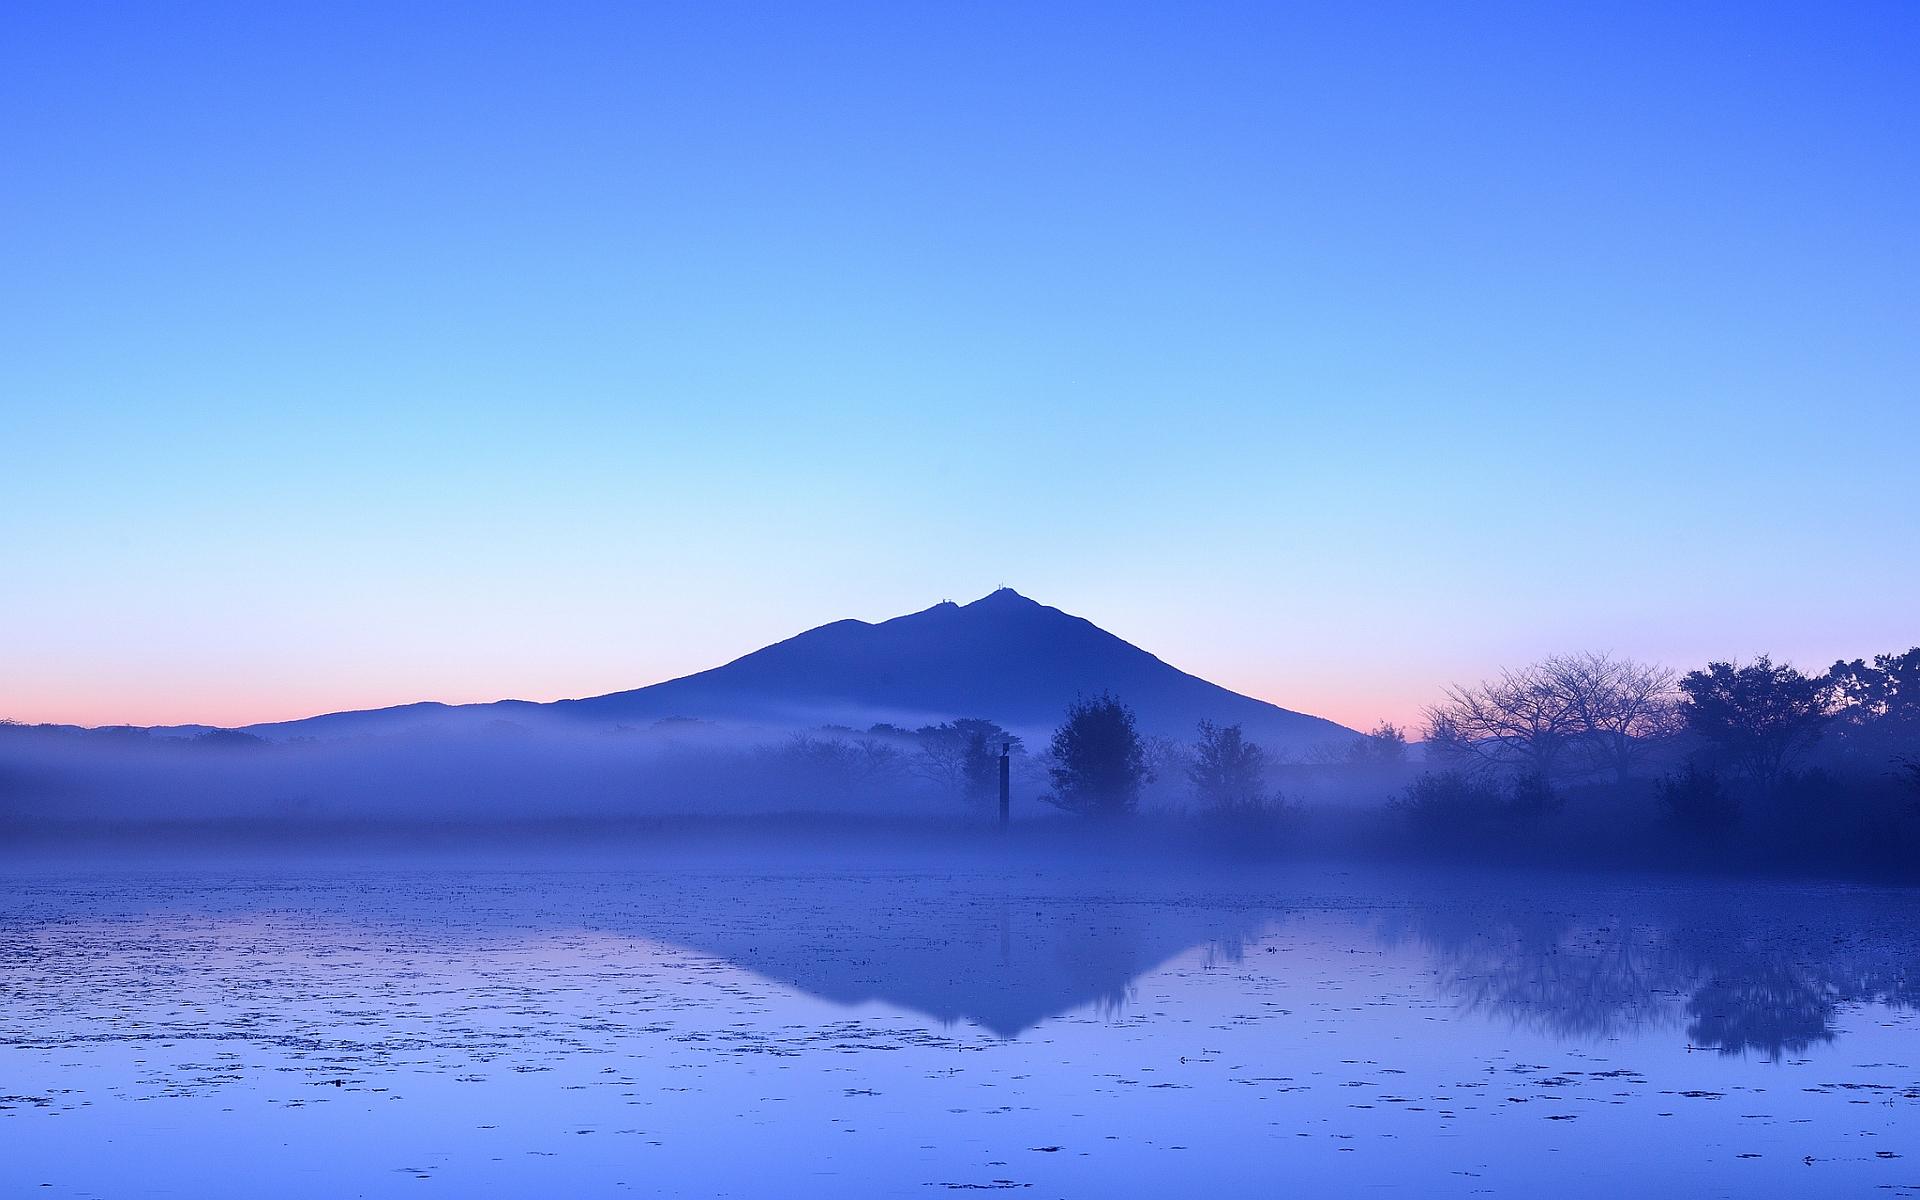 lake morning fog